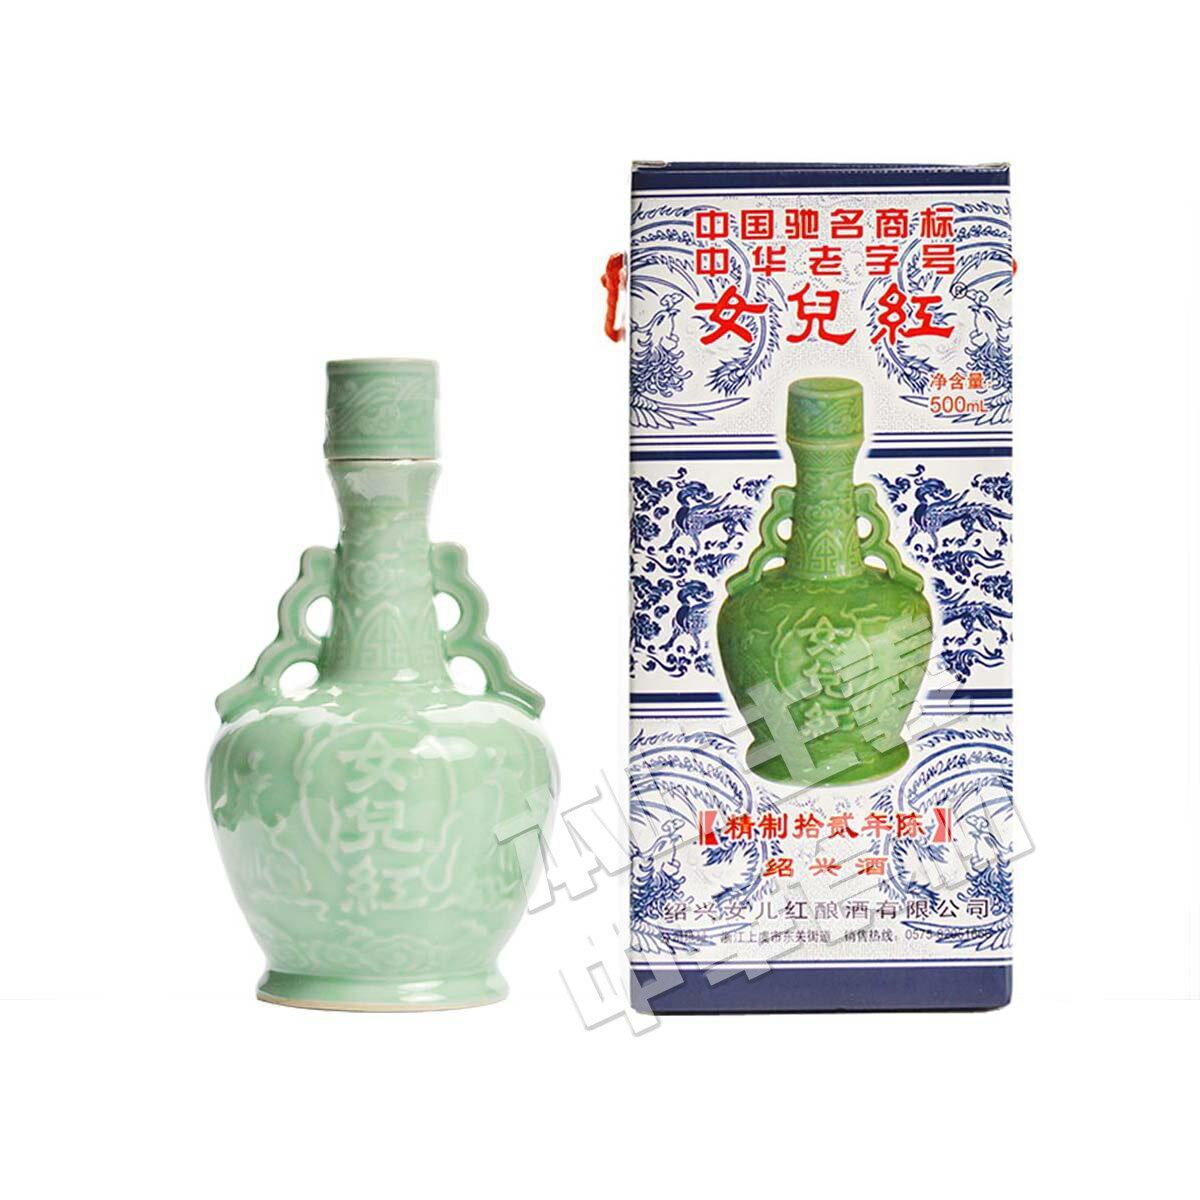 中華老字号景徳鎮女児紅精製12年紹興酒 中国名物・中華料理店人気商品・中華食材